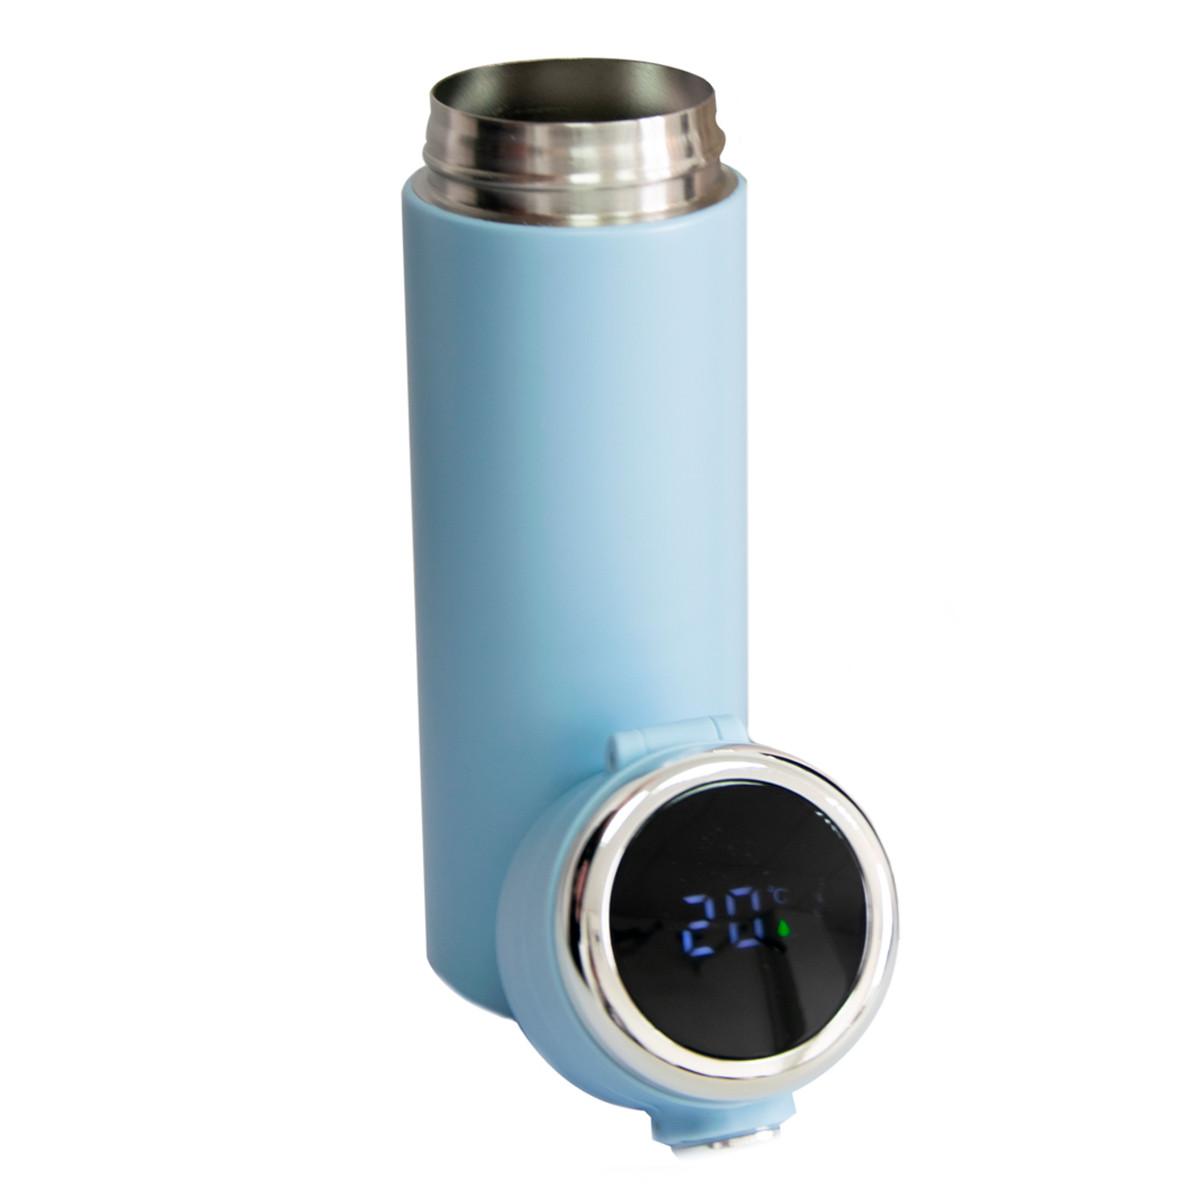 """Термочашка """"Vacuum cup"""" Блакитна на 420 мл, термокружка з індикатором температури для кави, термос для чаю"""